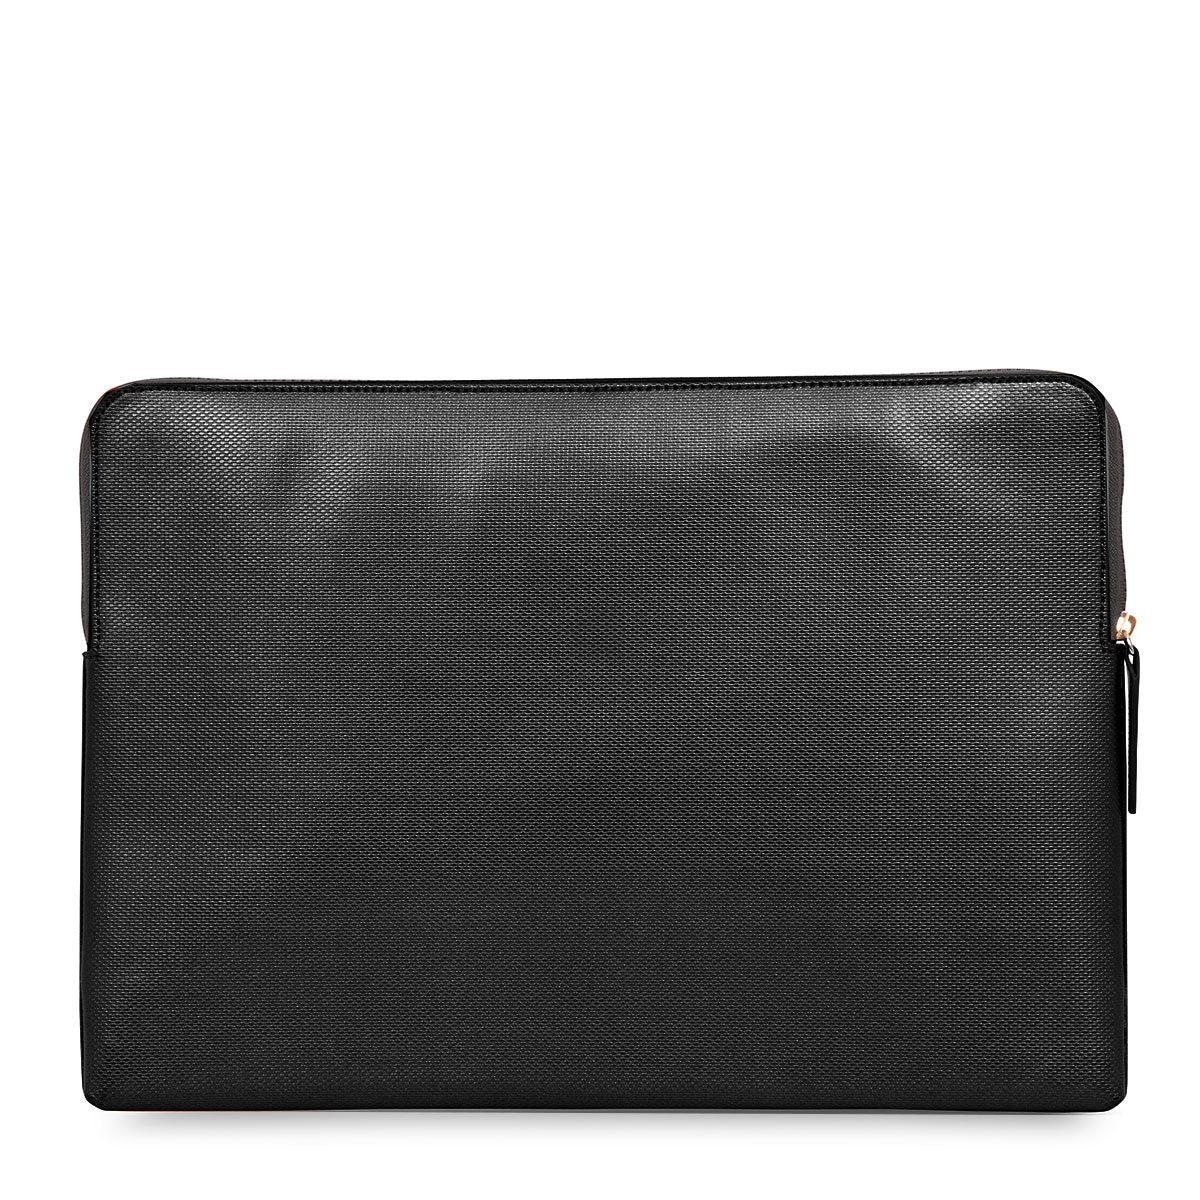 Knomo Laptop Sleeve Embossed Black 15 inch